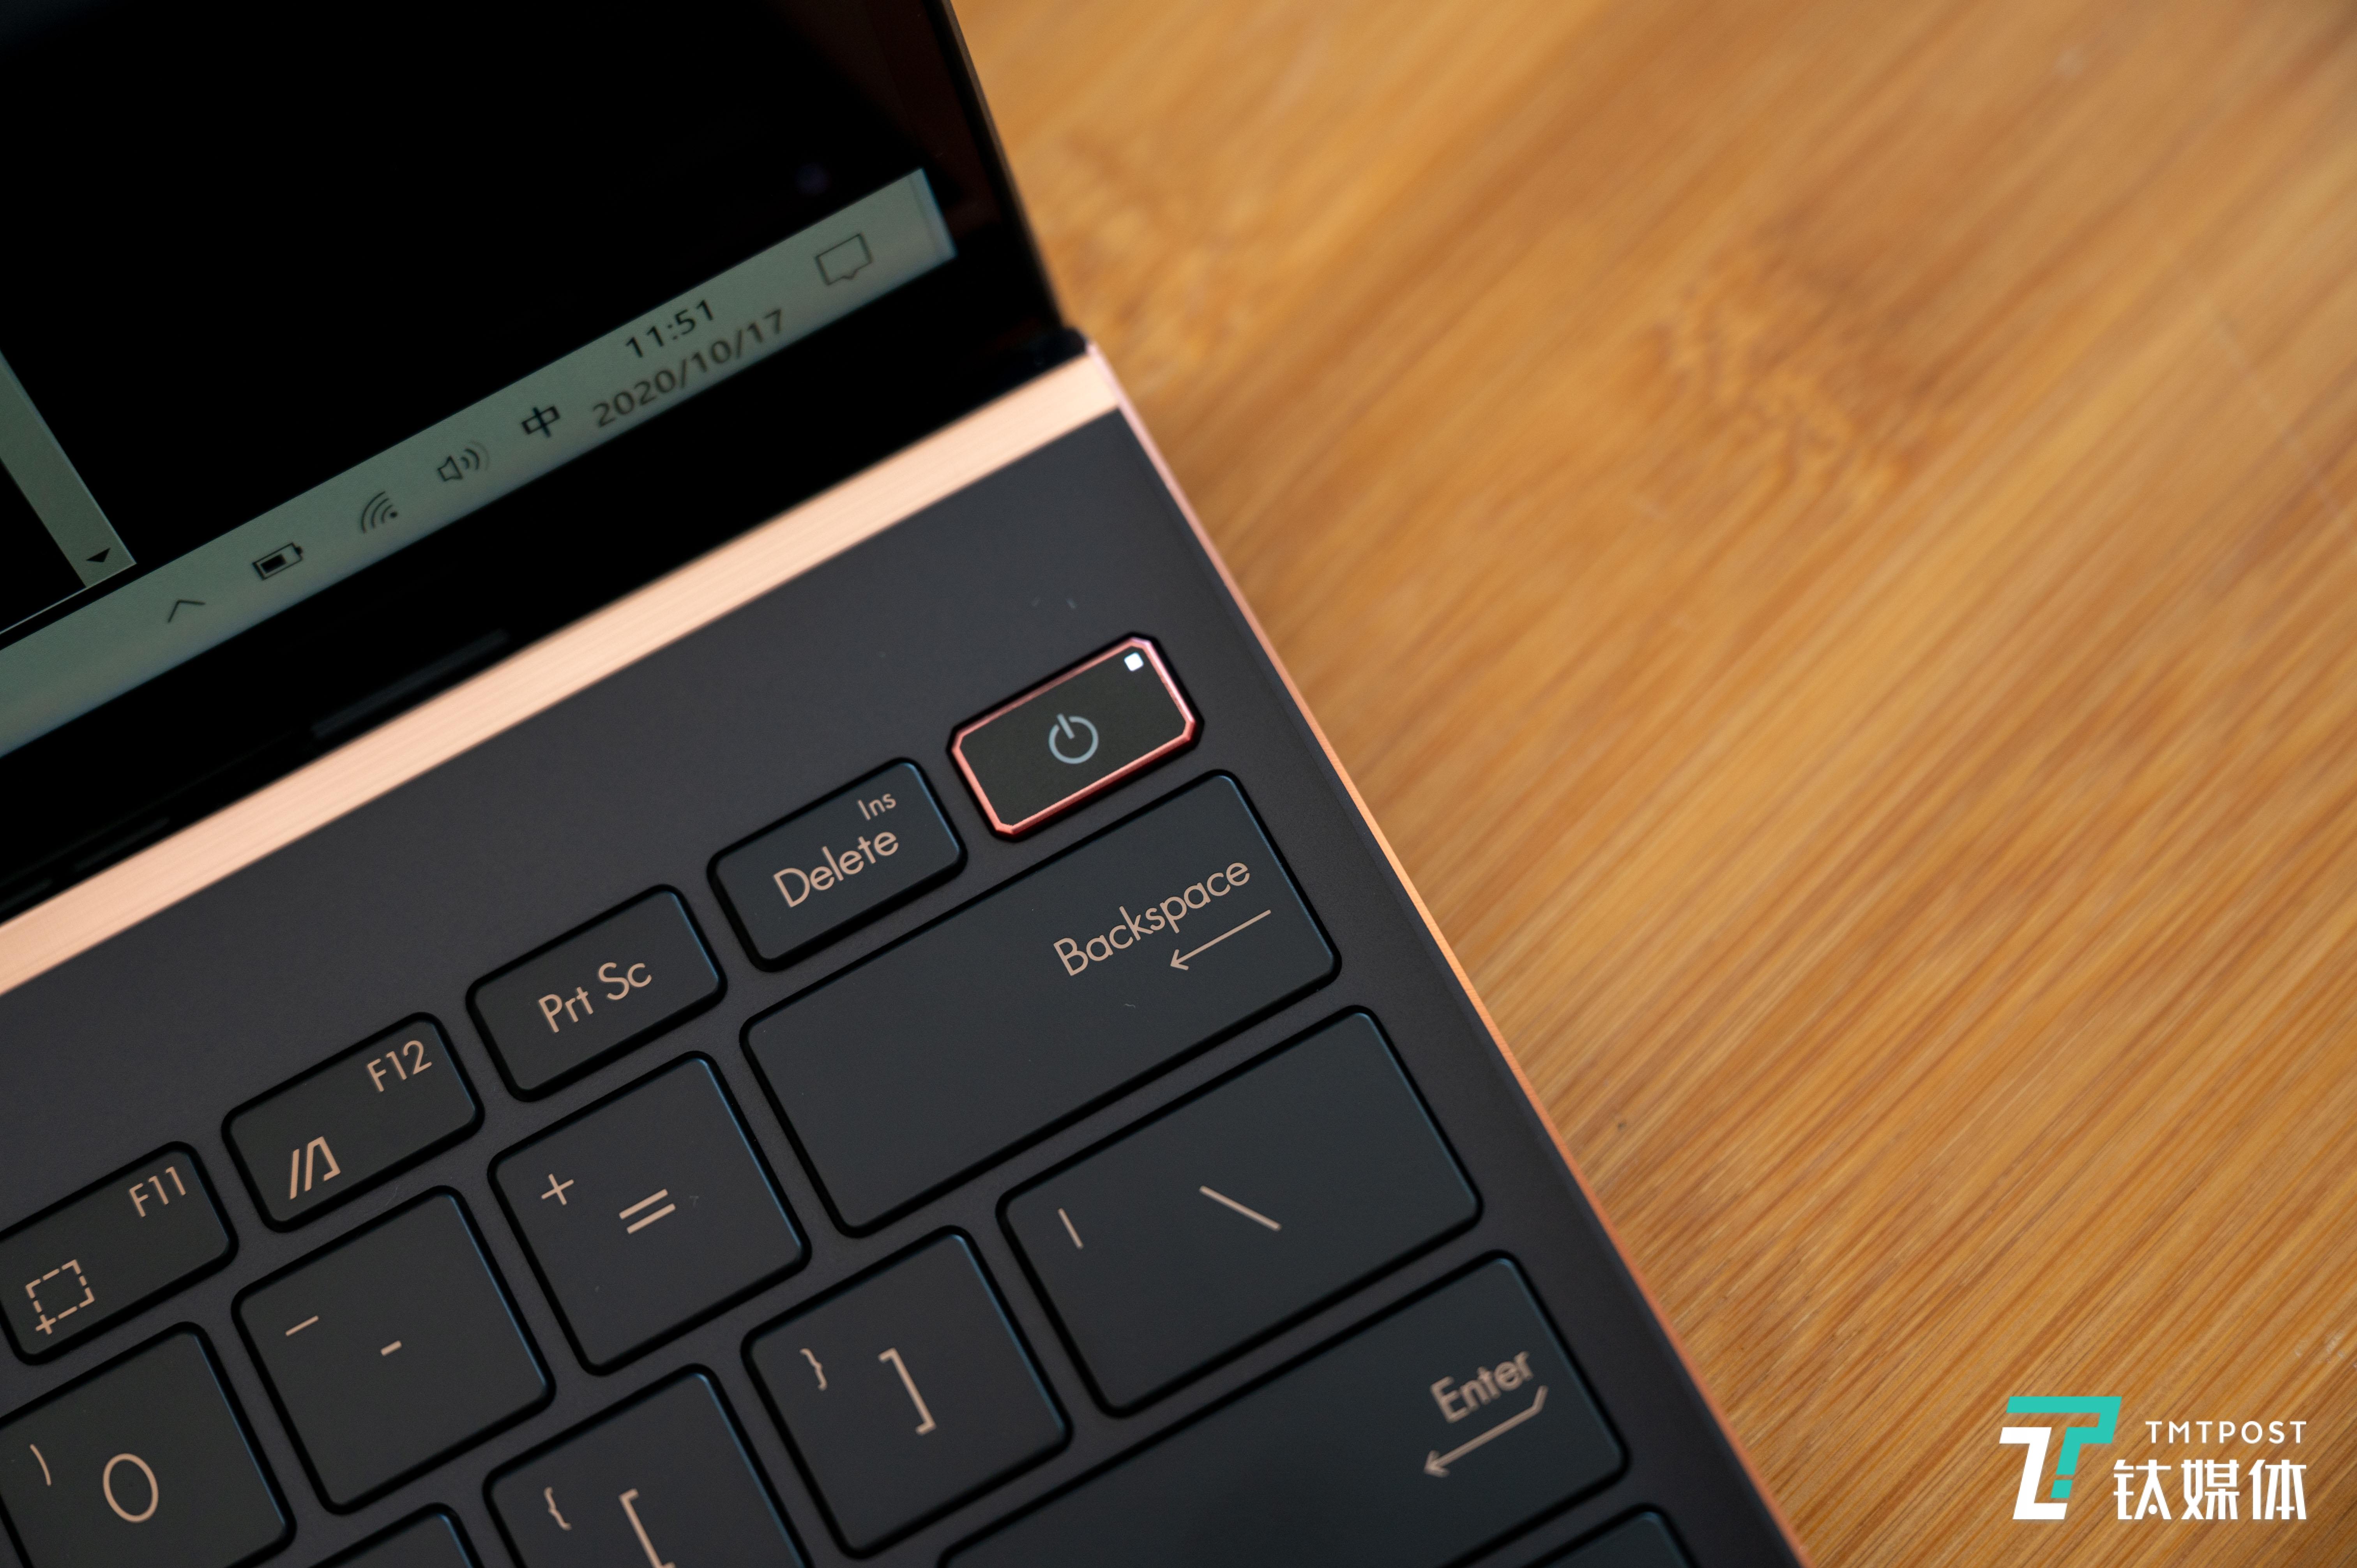 键盘设计非常紧凑